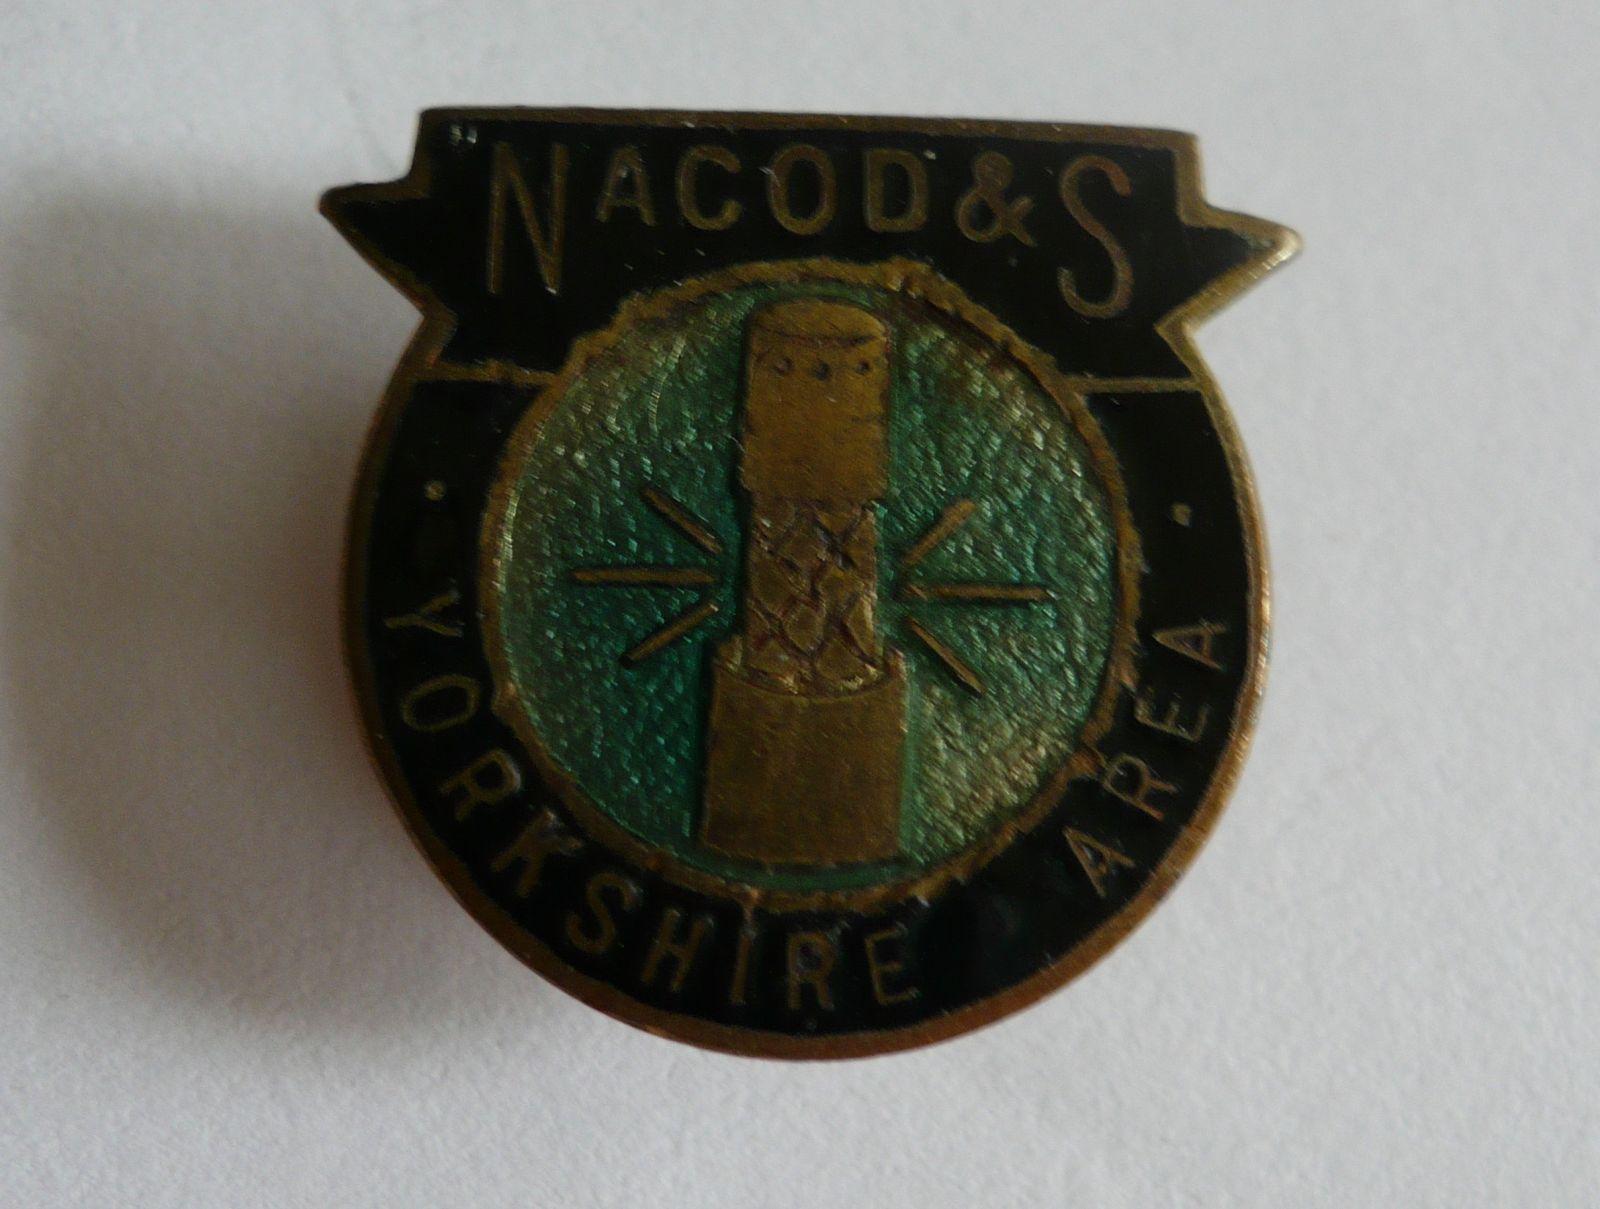 klopový odznak NACORD, Velká Británie